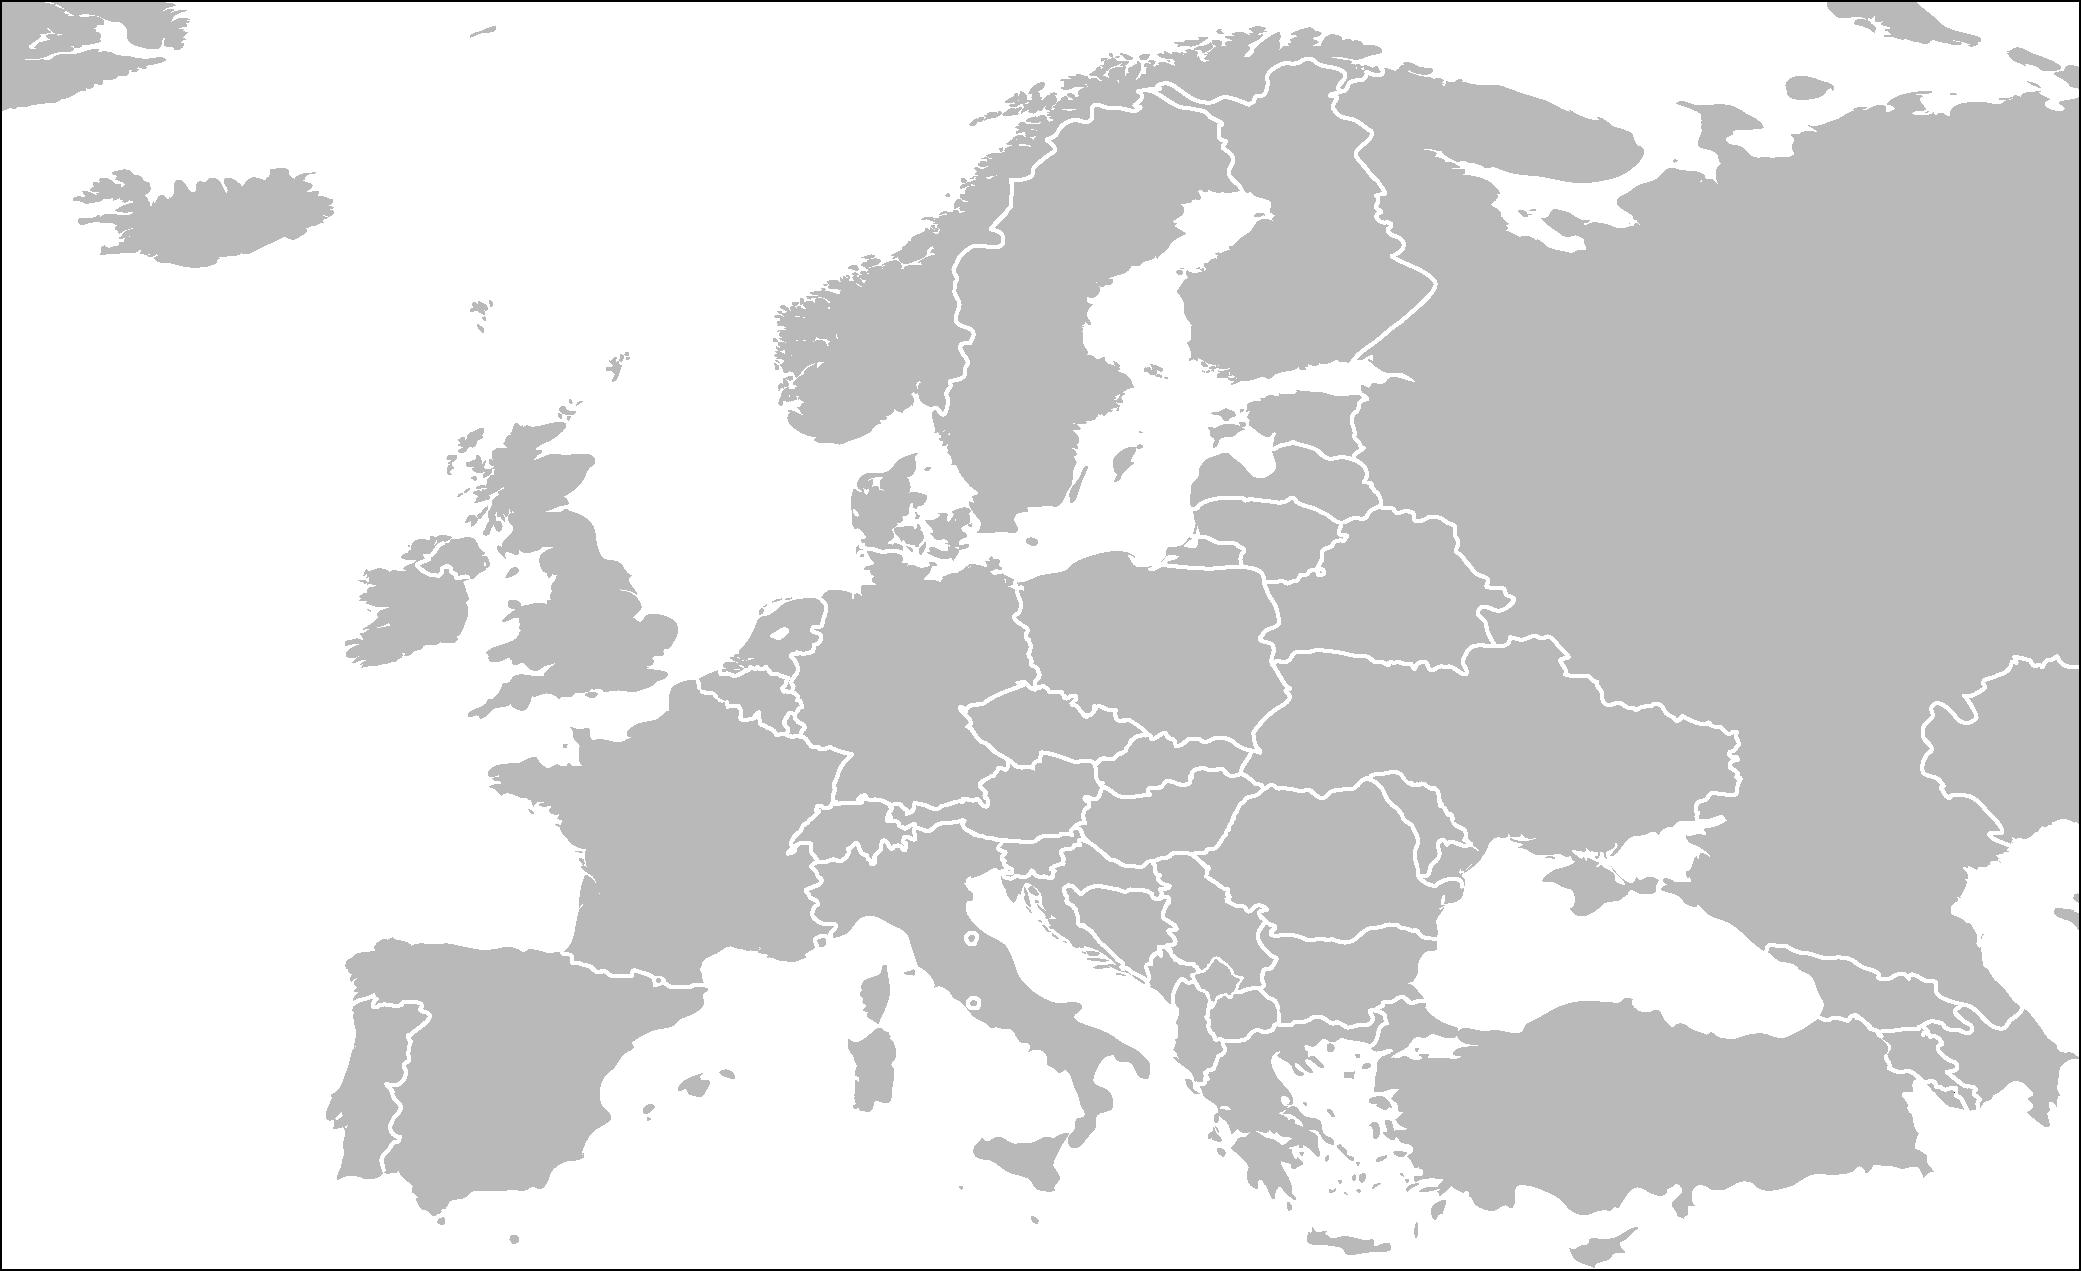 hvor mange lande i eu